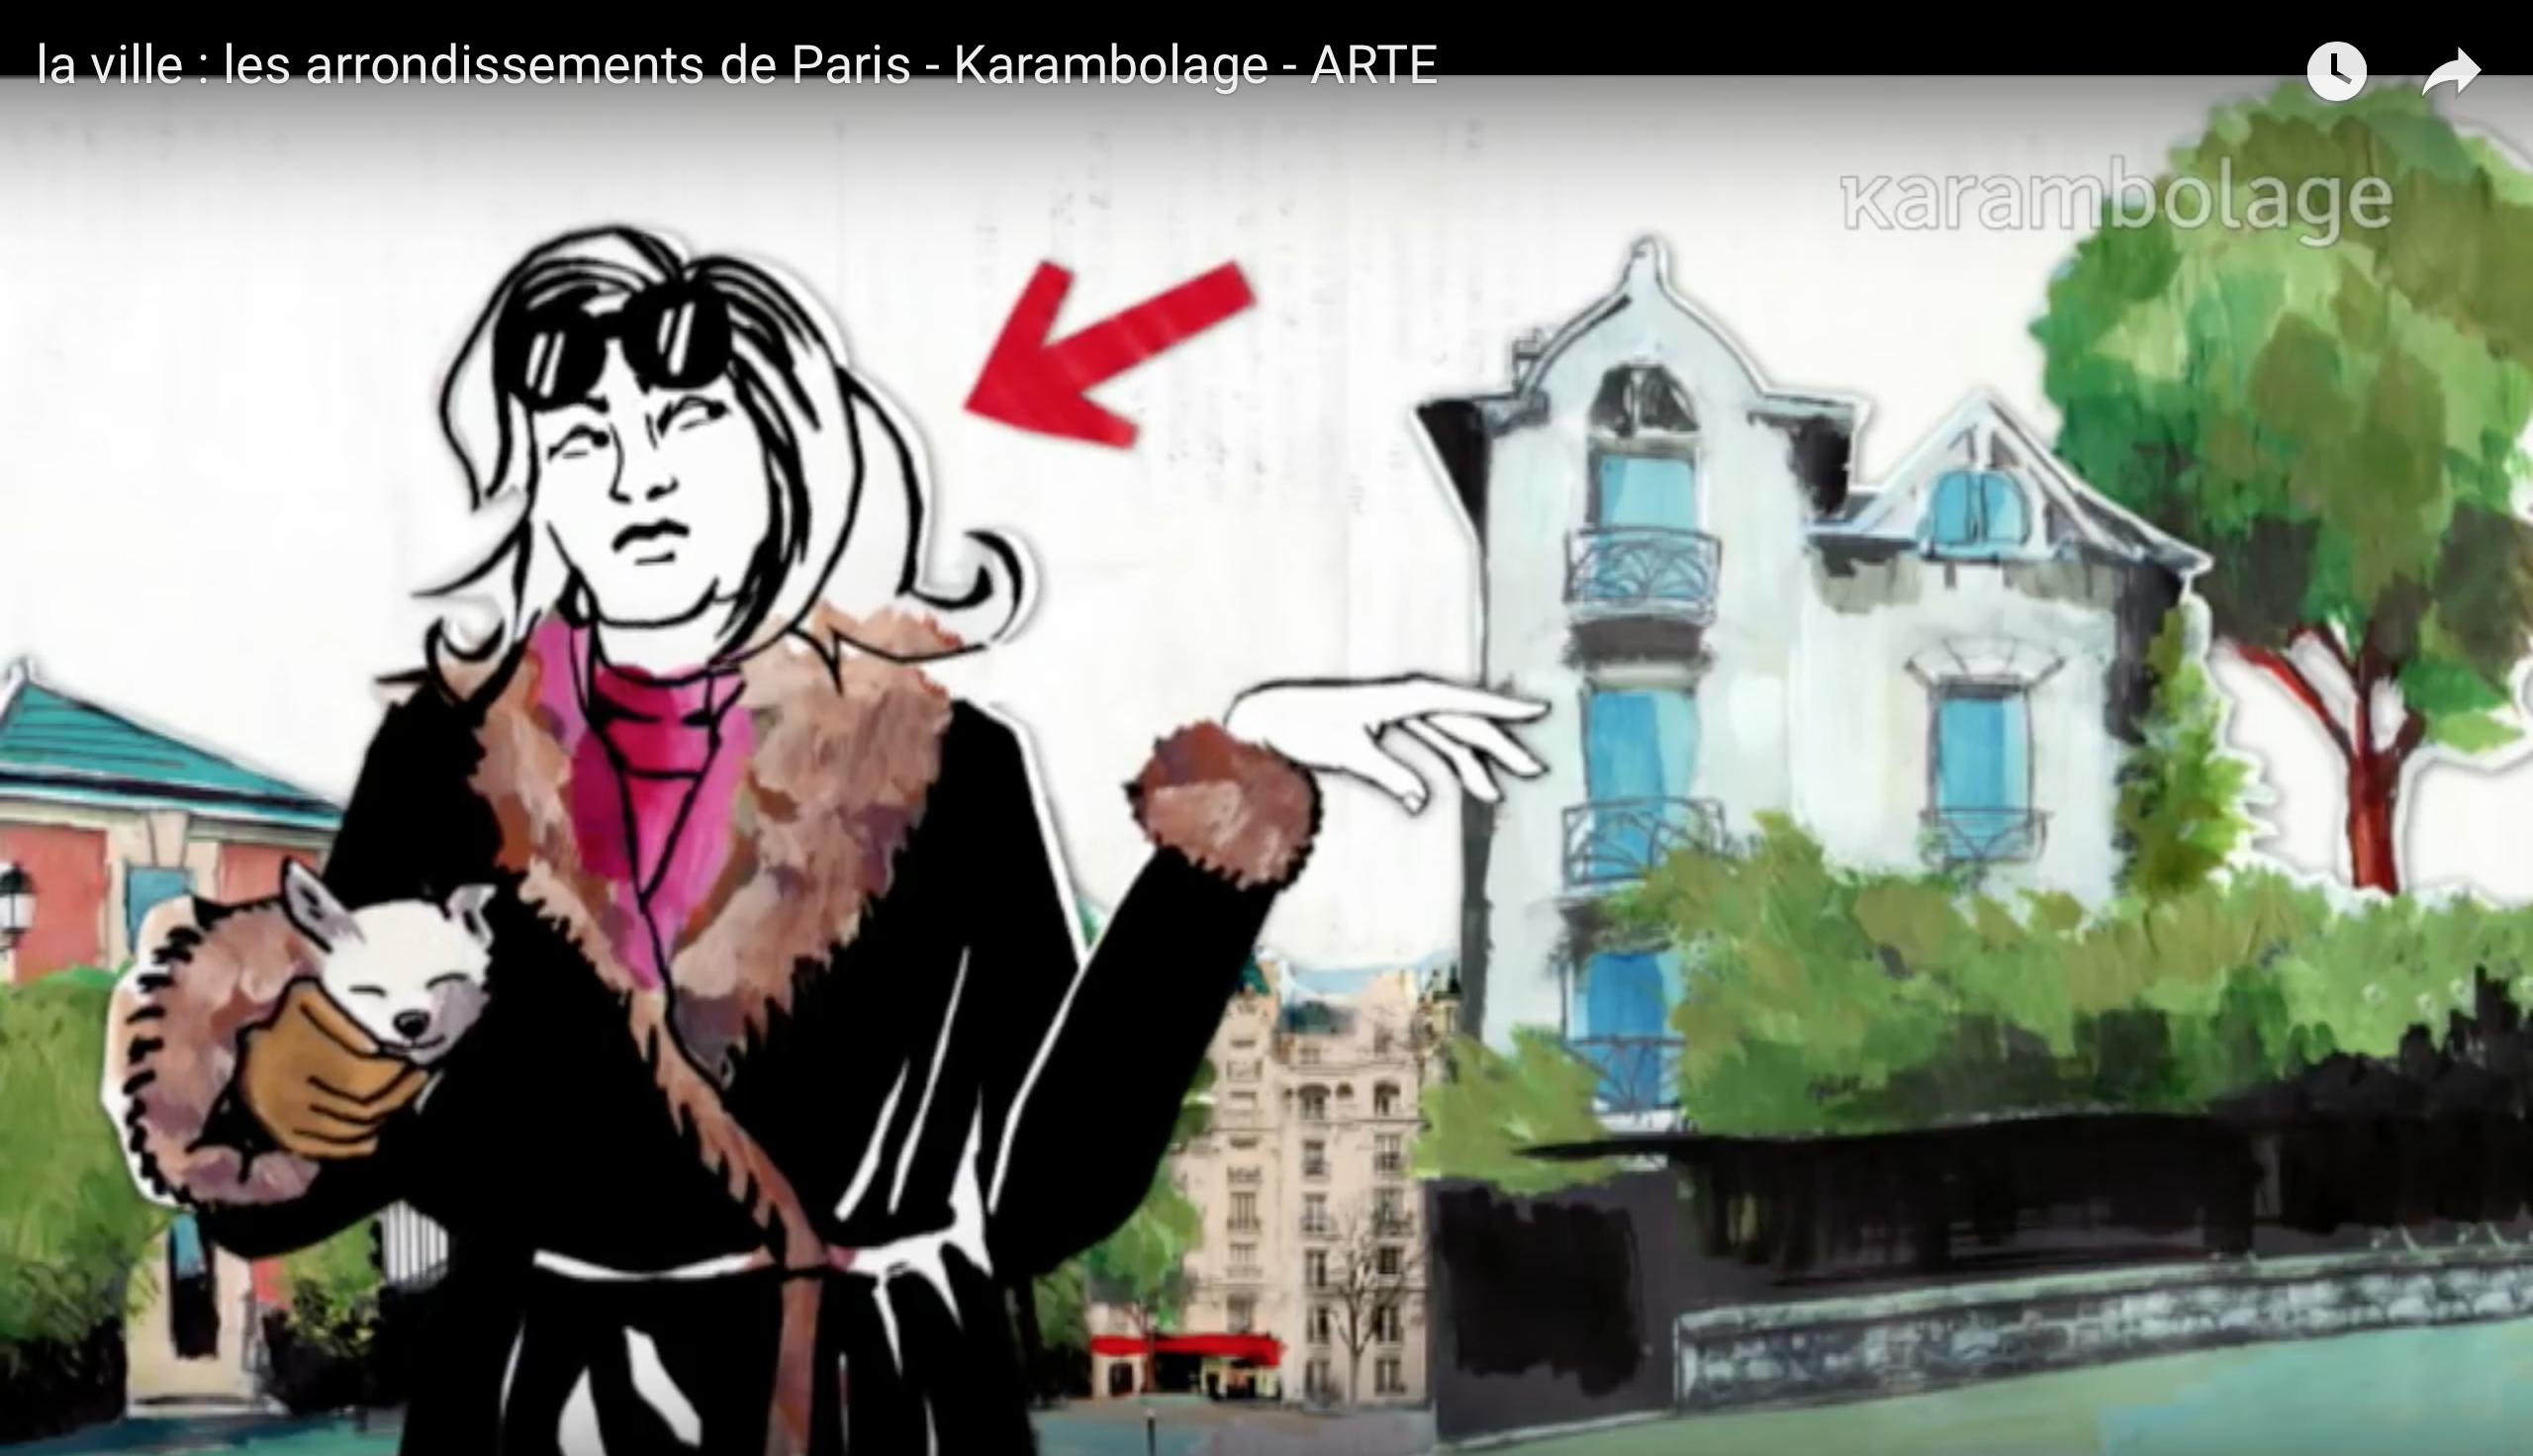 exercice FLE compréhension orale DELF B2 FLE arrondissements de Paris.png